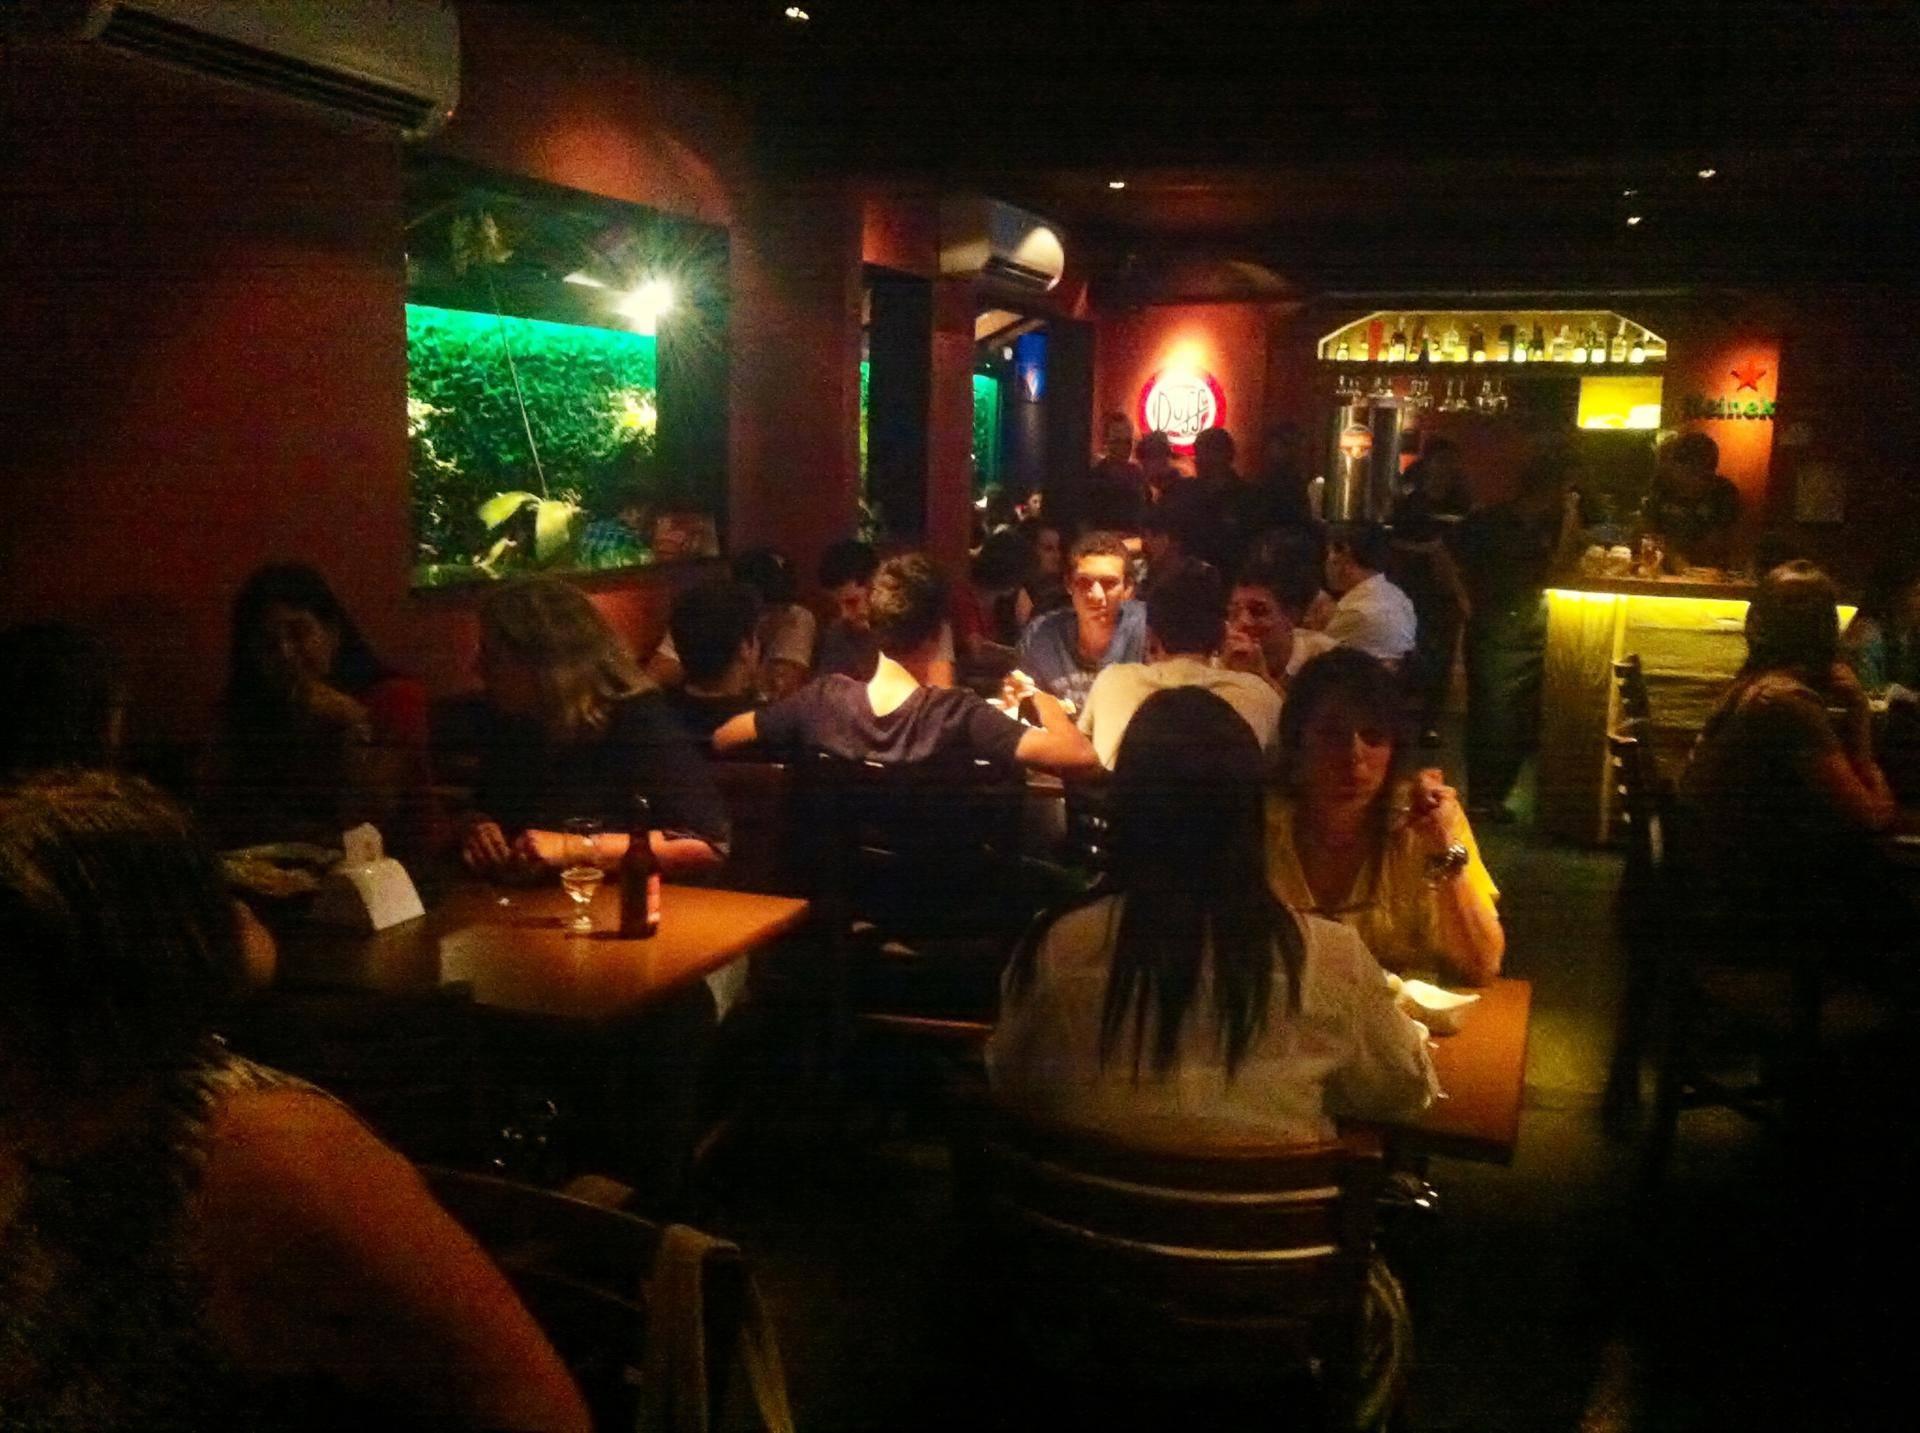 4820984b2 5 bares legais em Santos - Juicy Santos